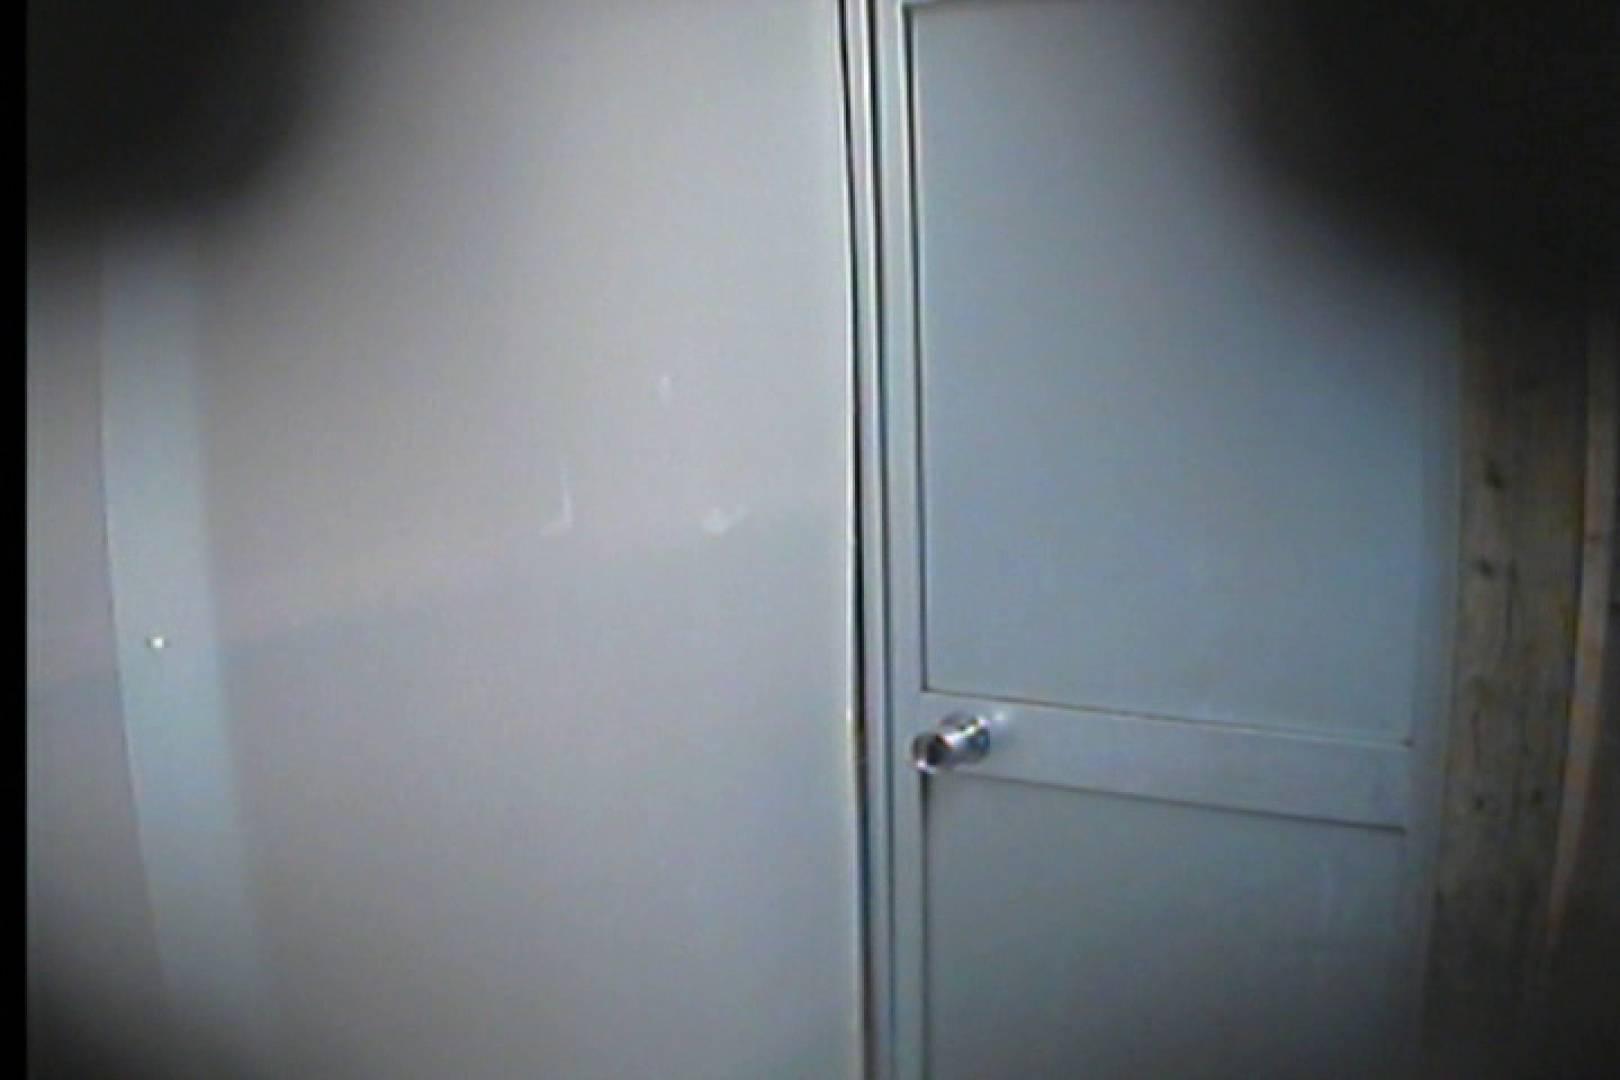 海の家の更衣室 Vol.16 OL   美女達のヌード  23連発